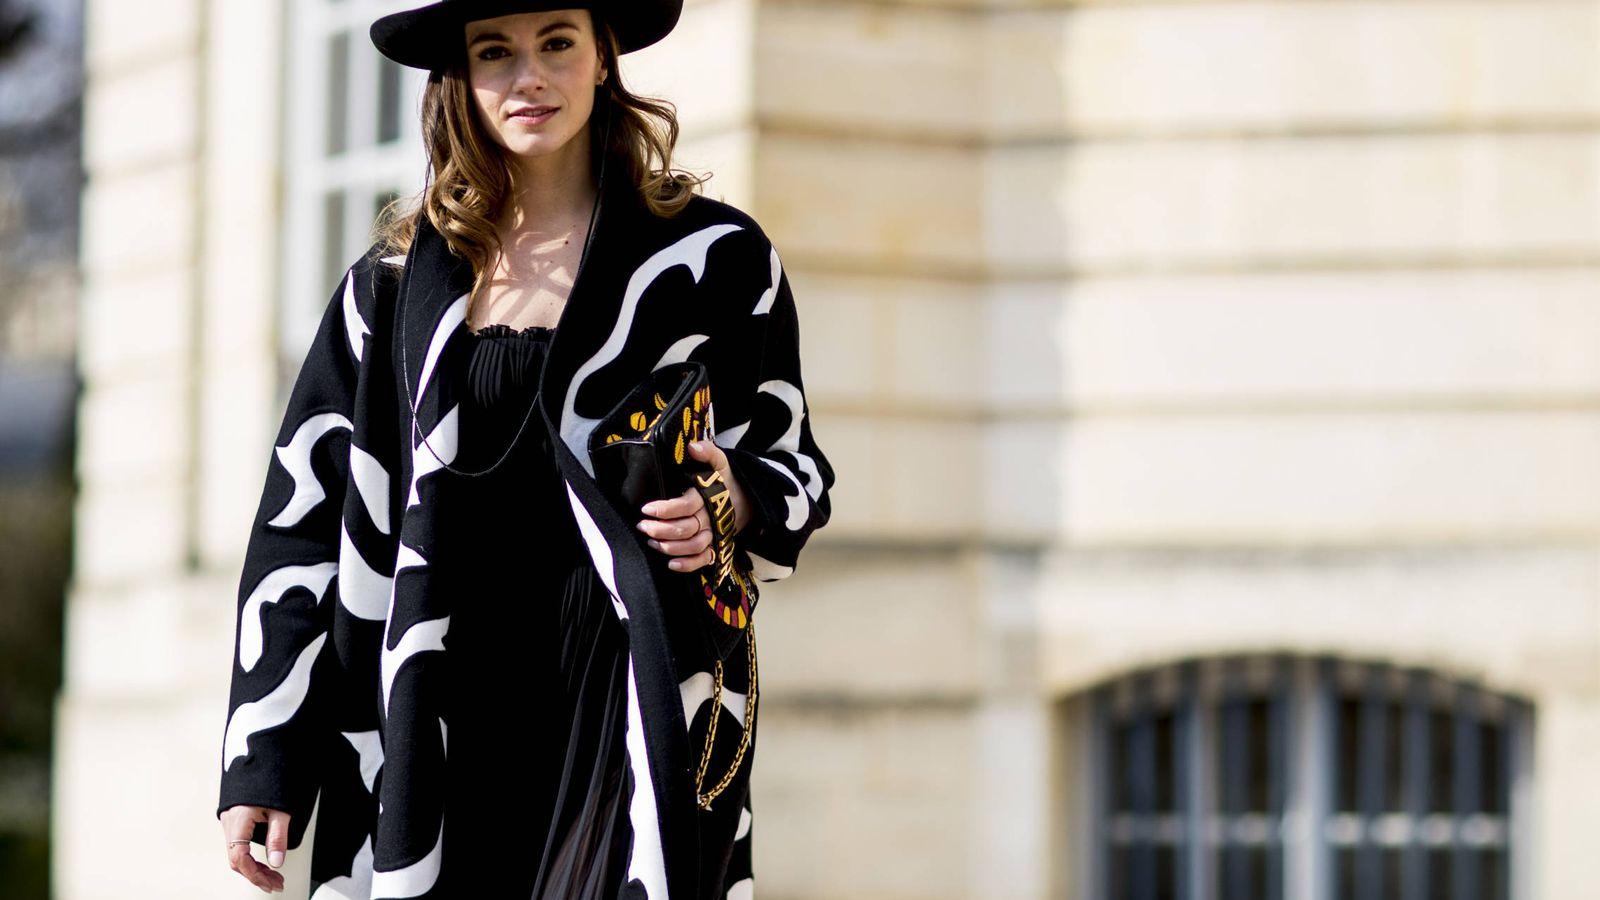 Foto: Un little black dress es siempre una opción perfecta tanto para el día como para la noche. (Imaxtree)